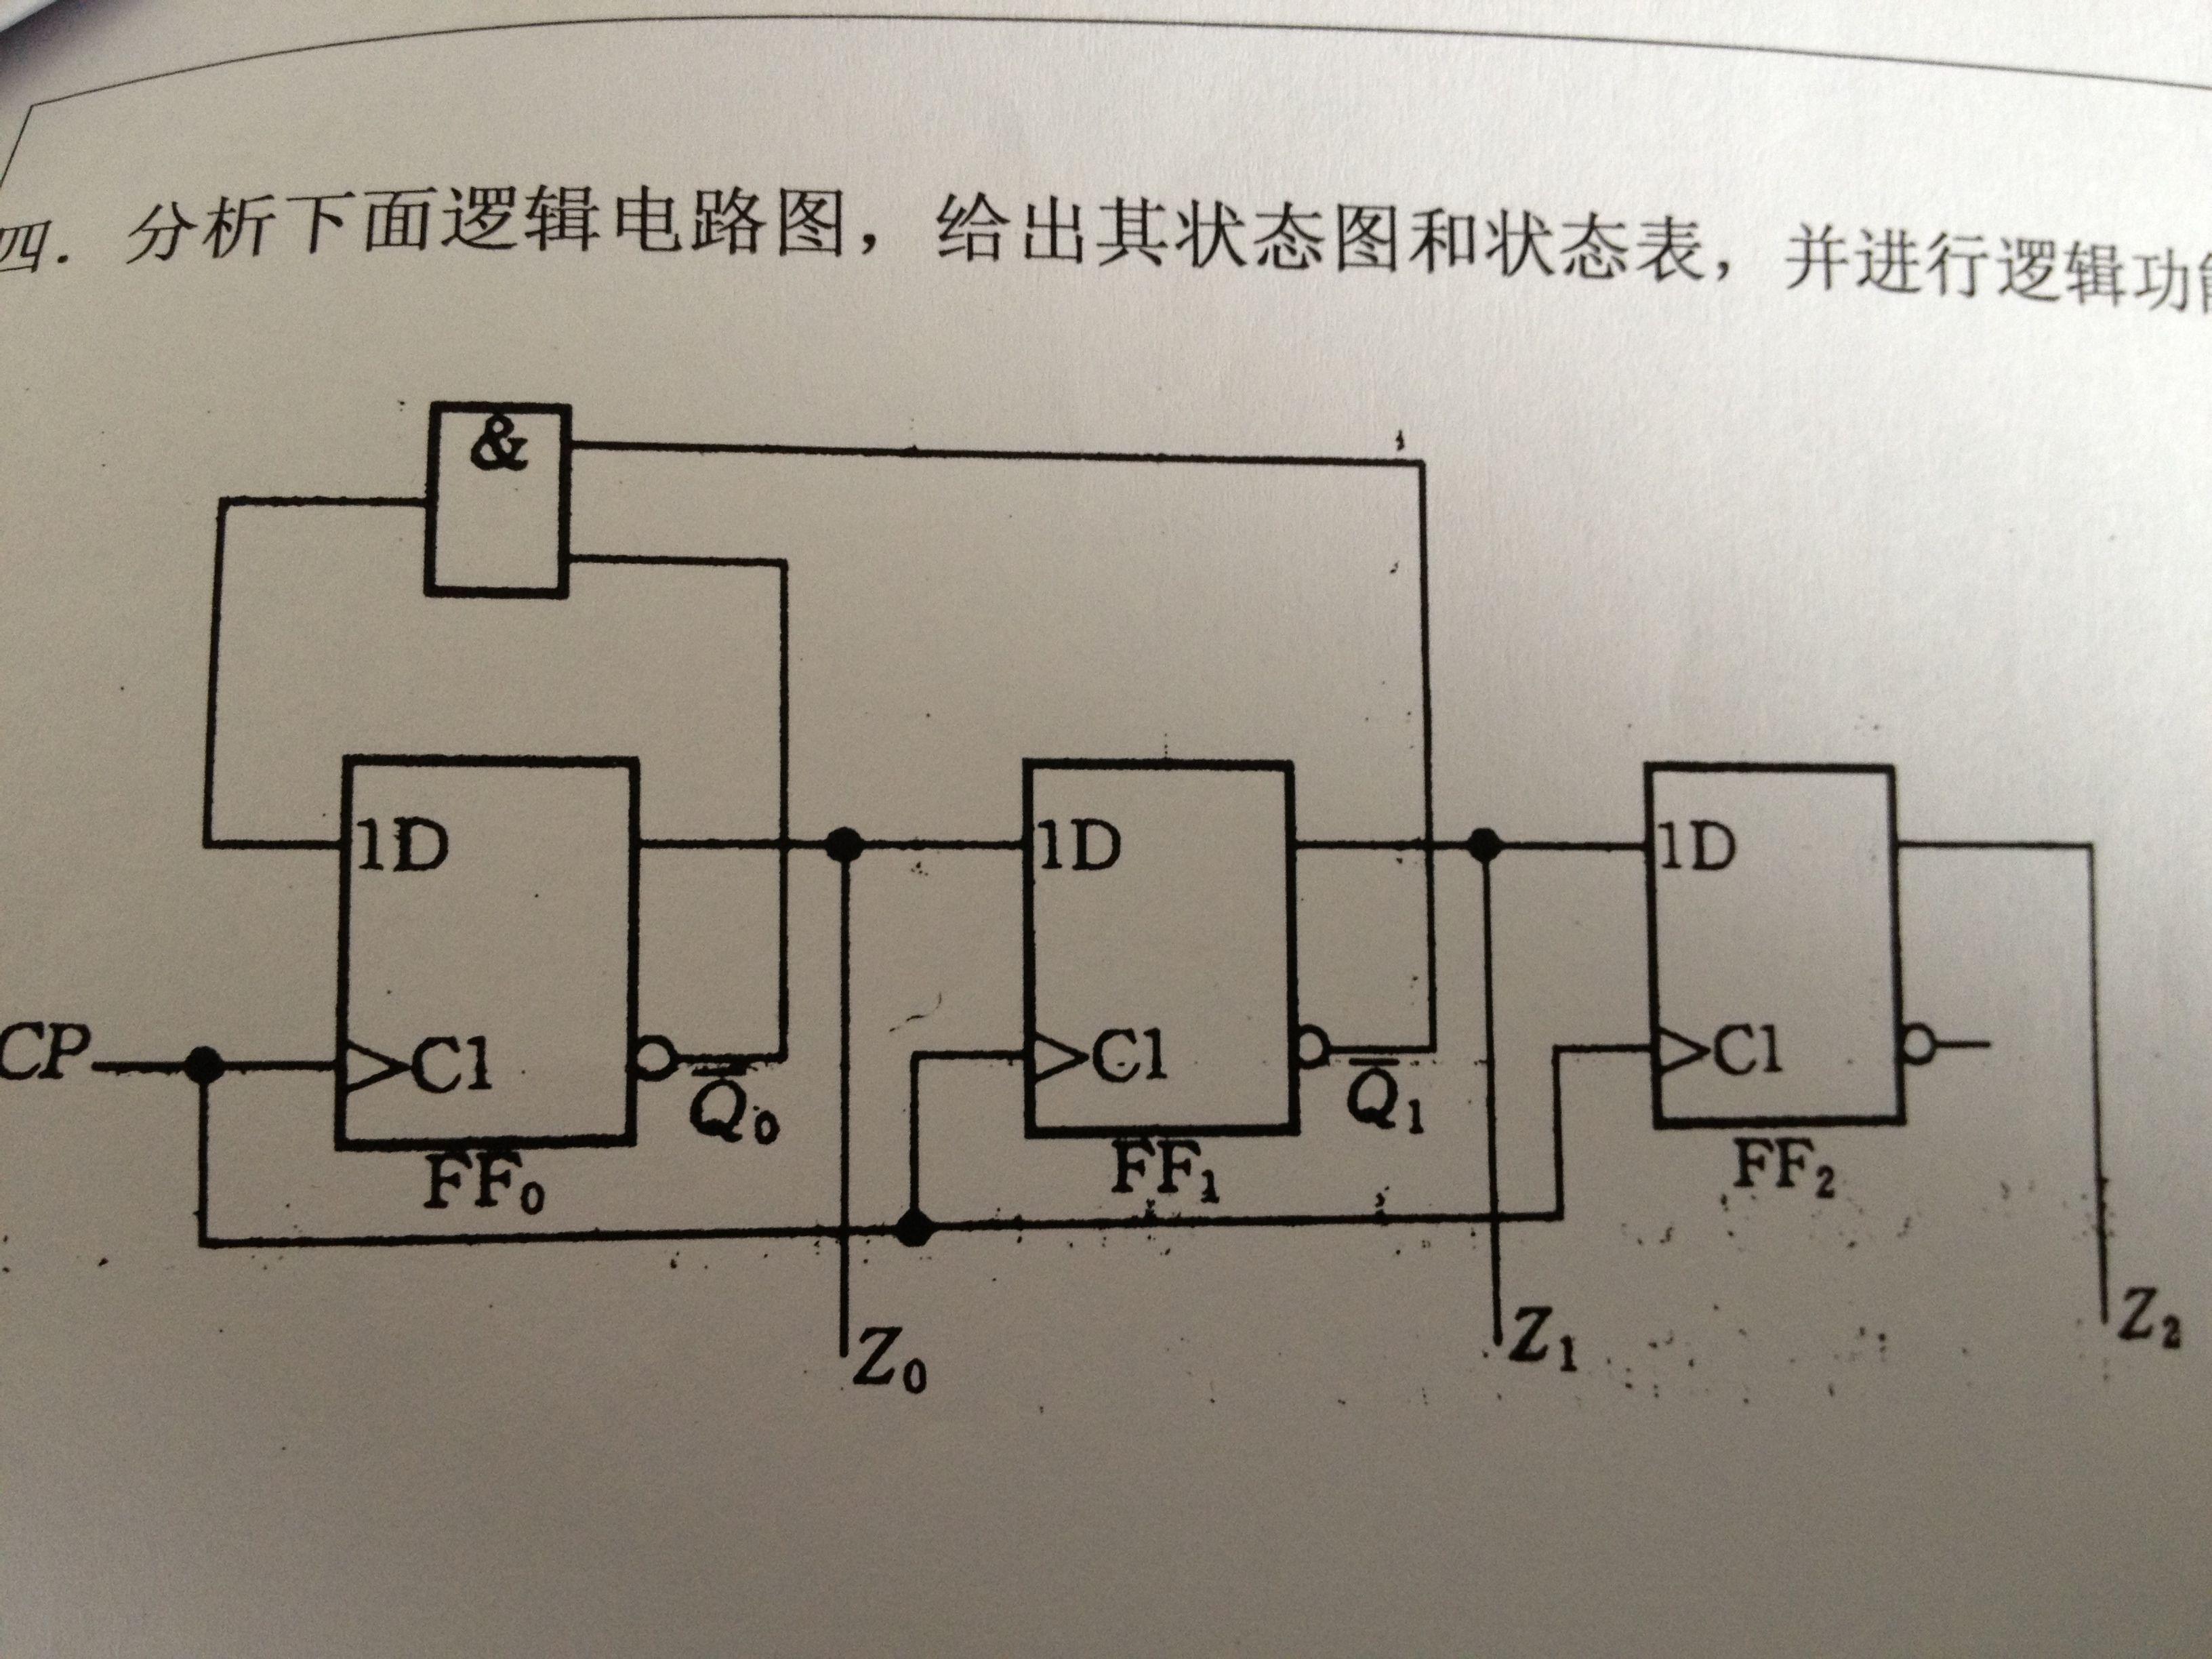 分析下面逻辑电路图,给出其状态图和状态表,并进行逻辑功能分析,求